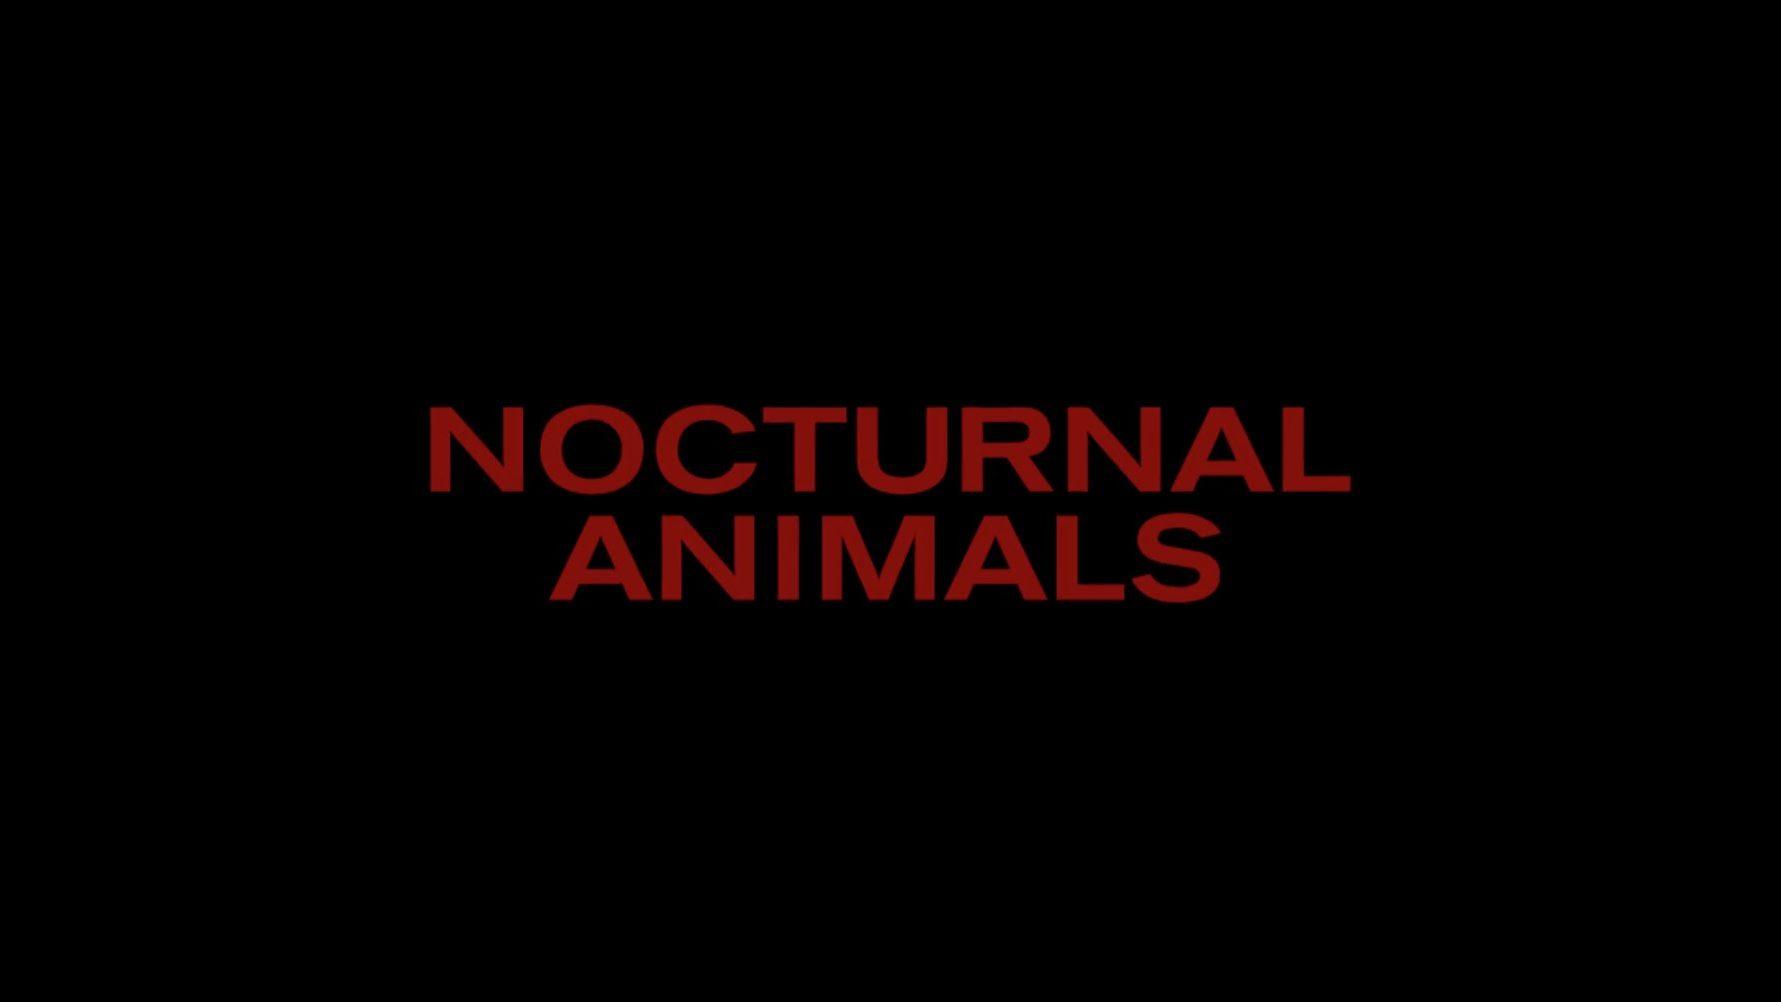 NOCTURNAL ANIMALS – Sneak Peek of Official Teaser Trailer